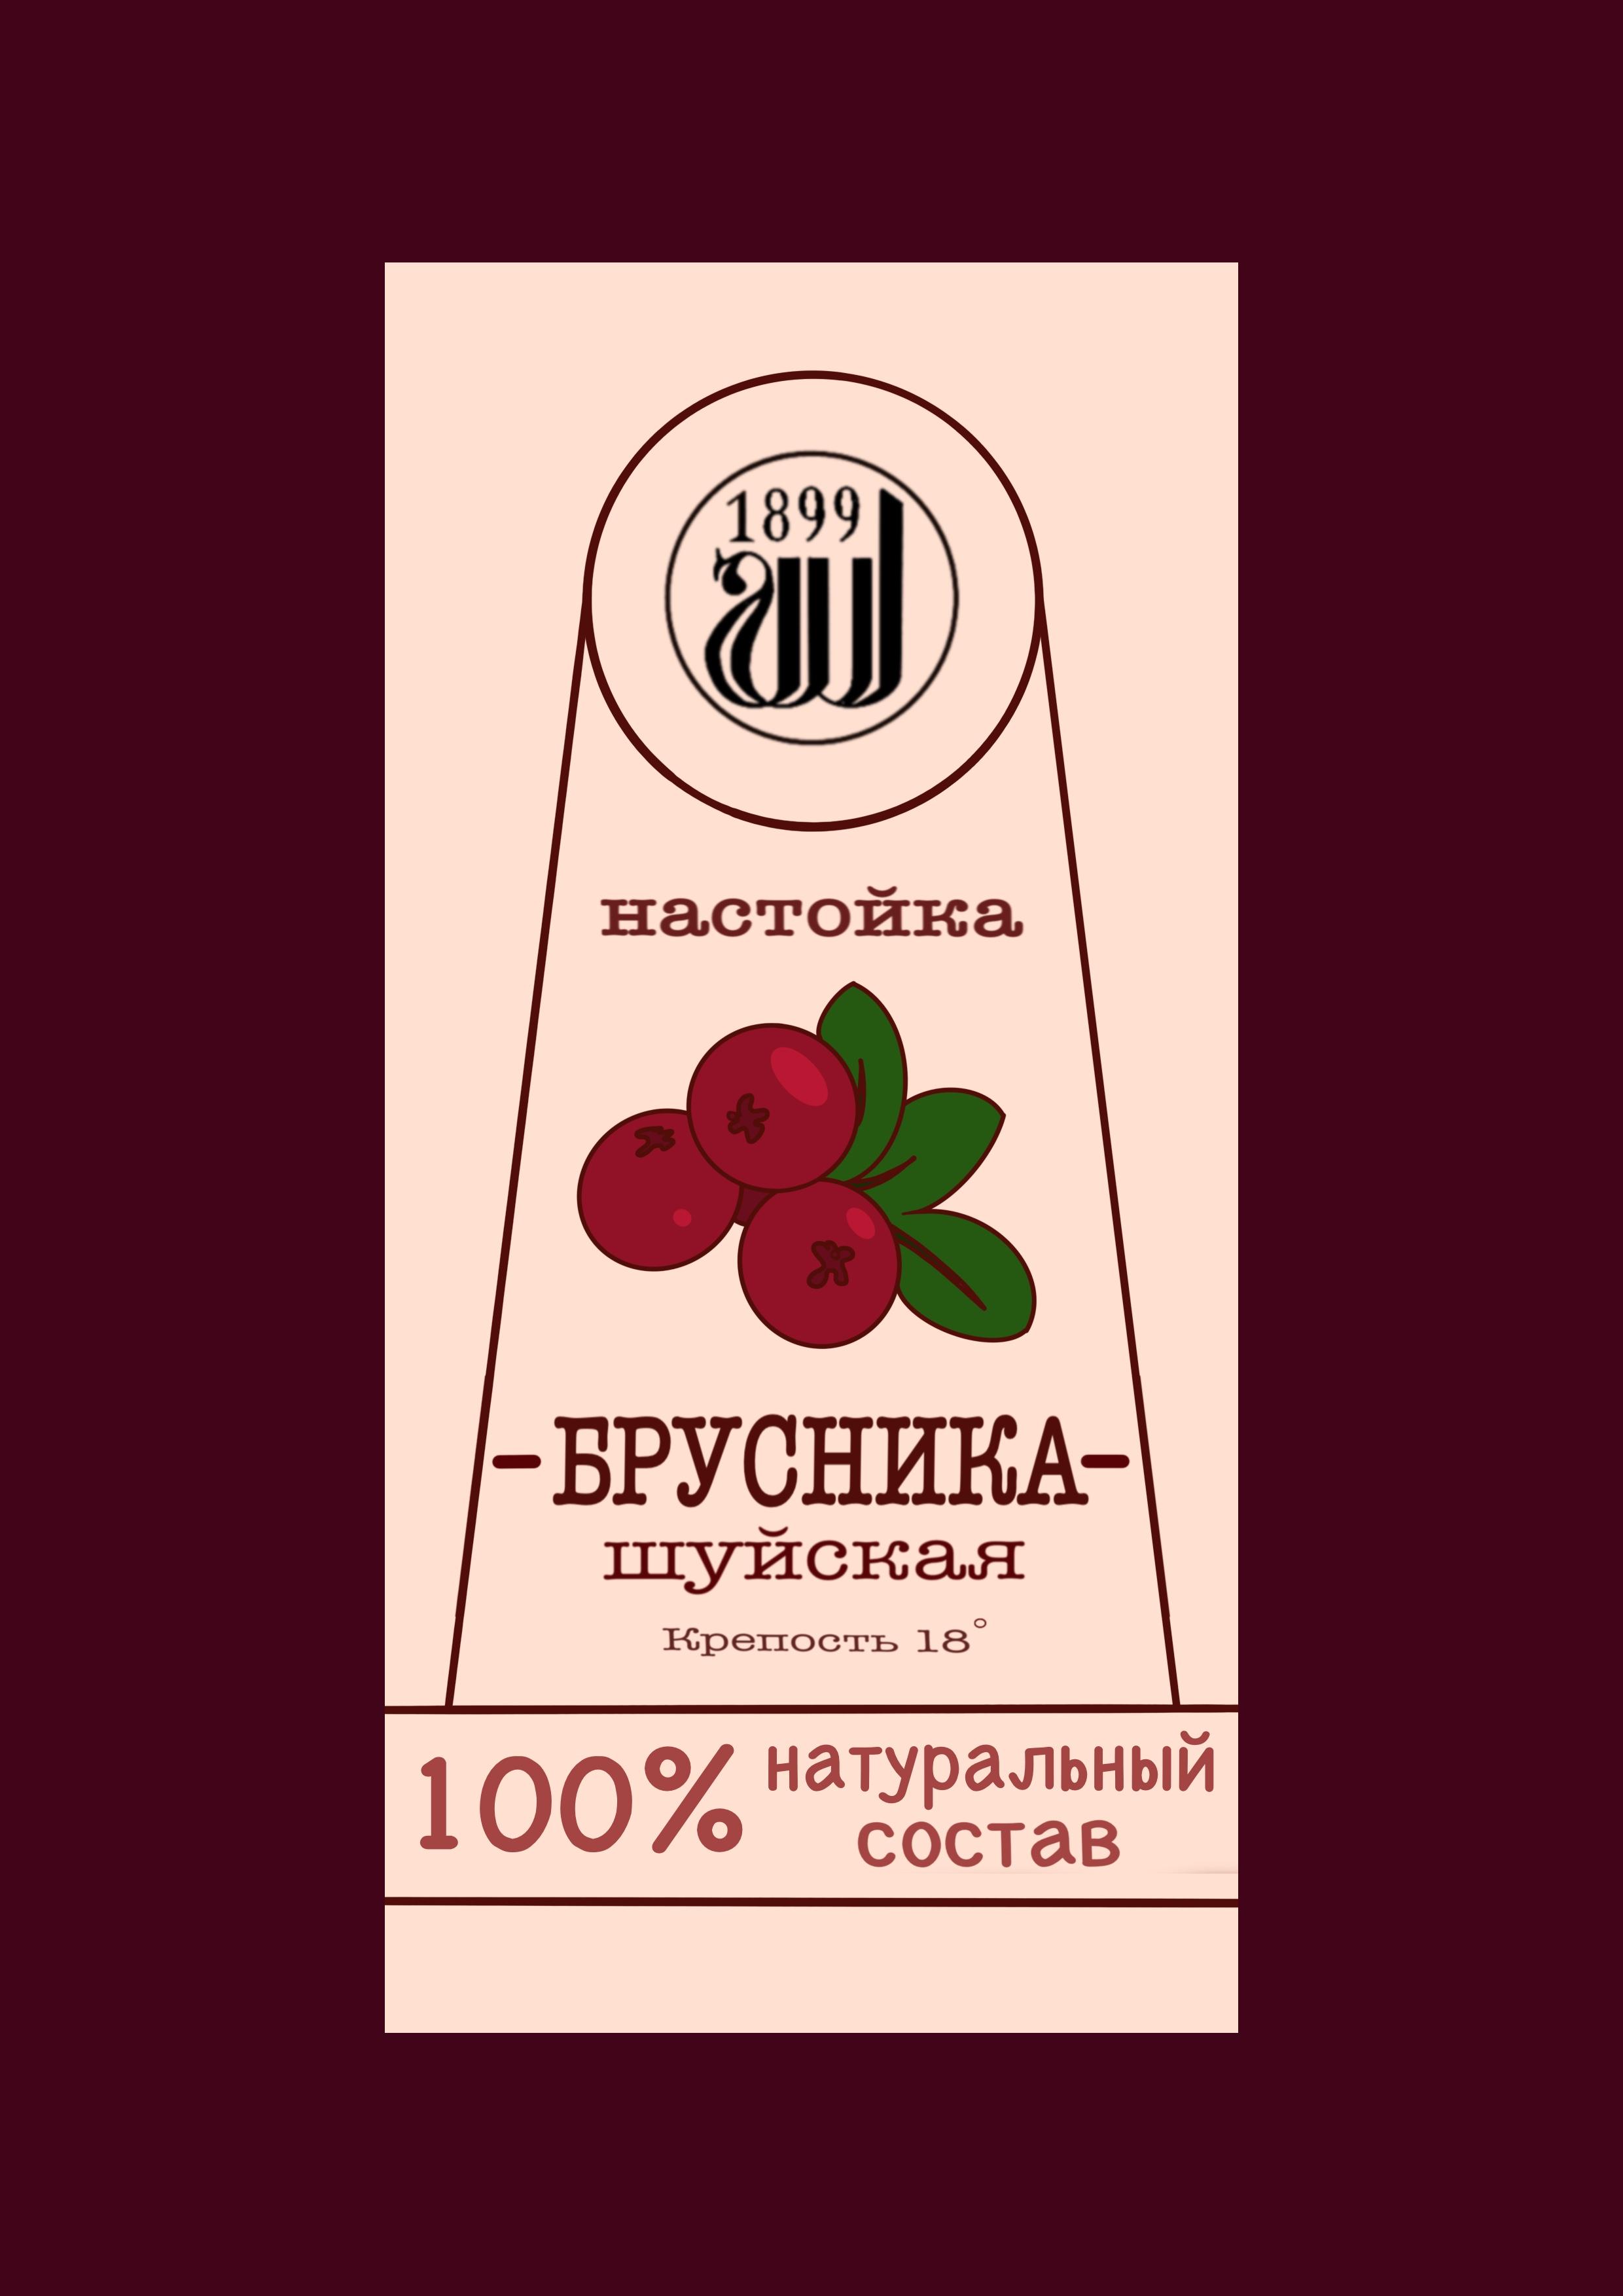 Дизайн этикетки алкогольного продукта (сладкая настойка) фото f_3525f8eecce26e10.jpg